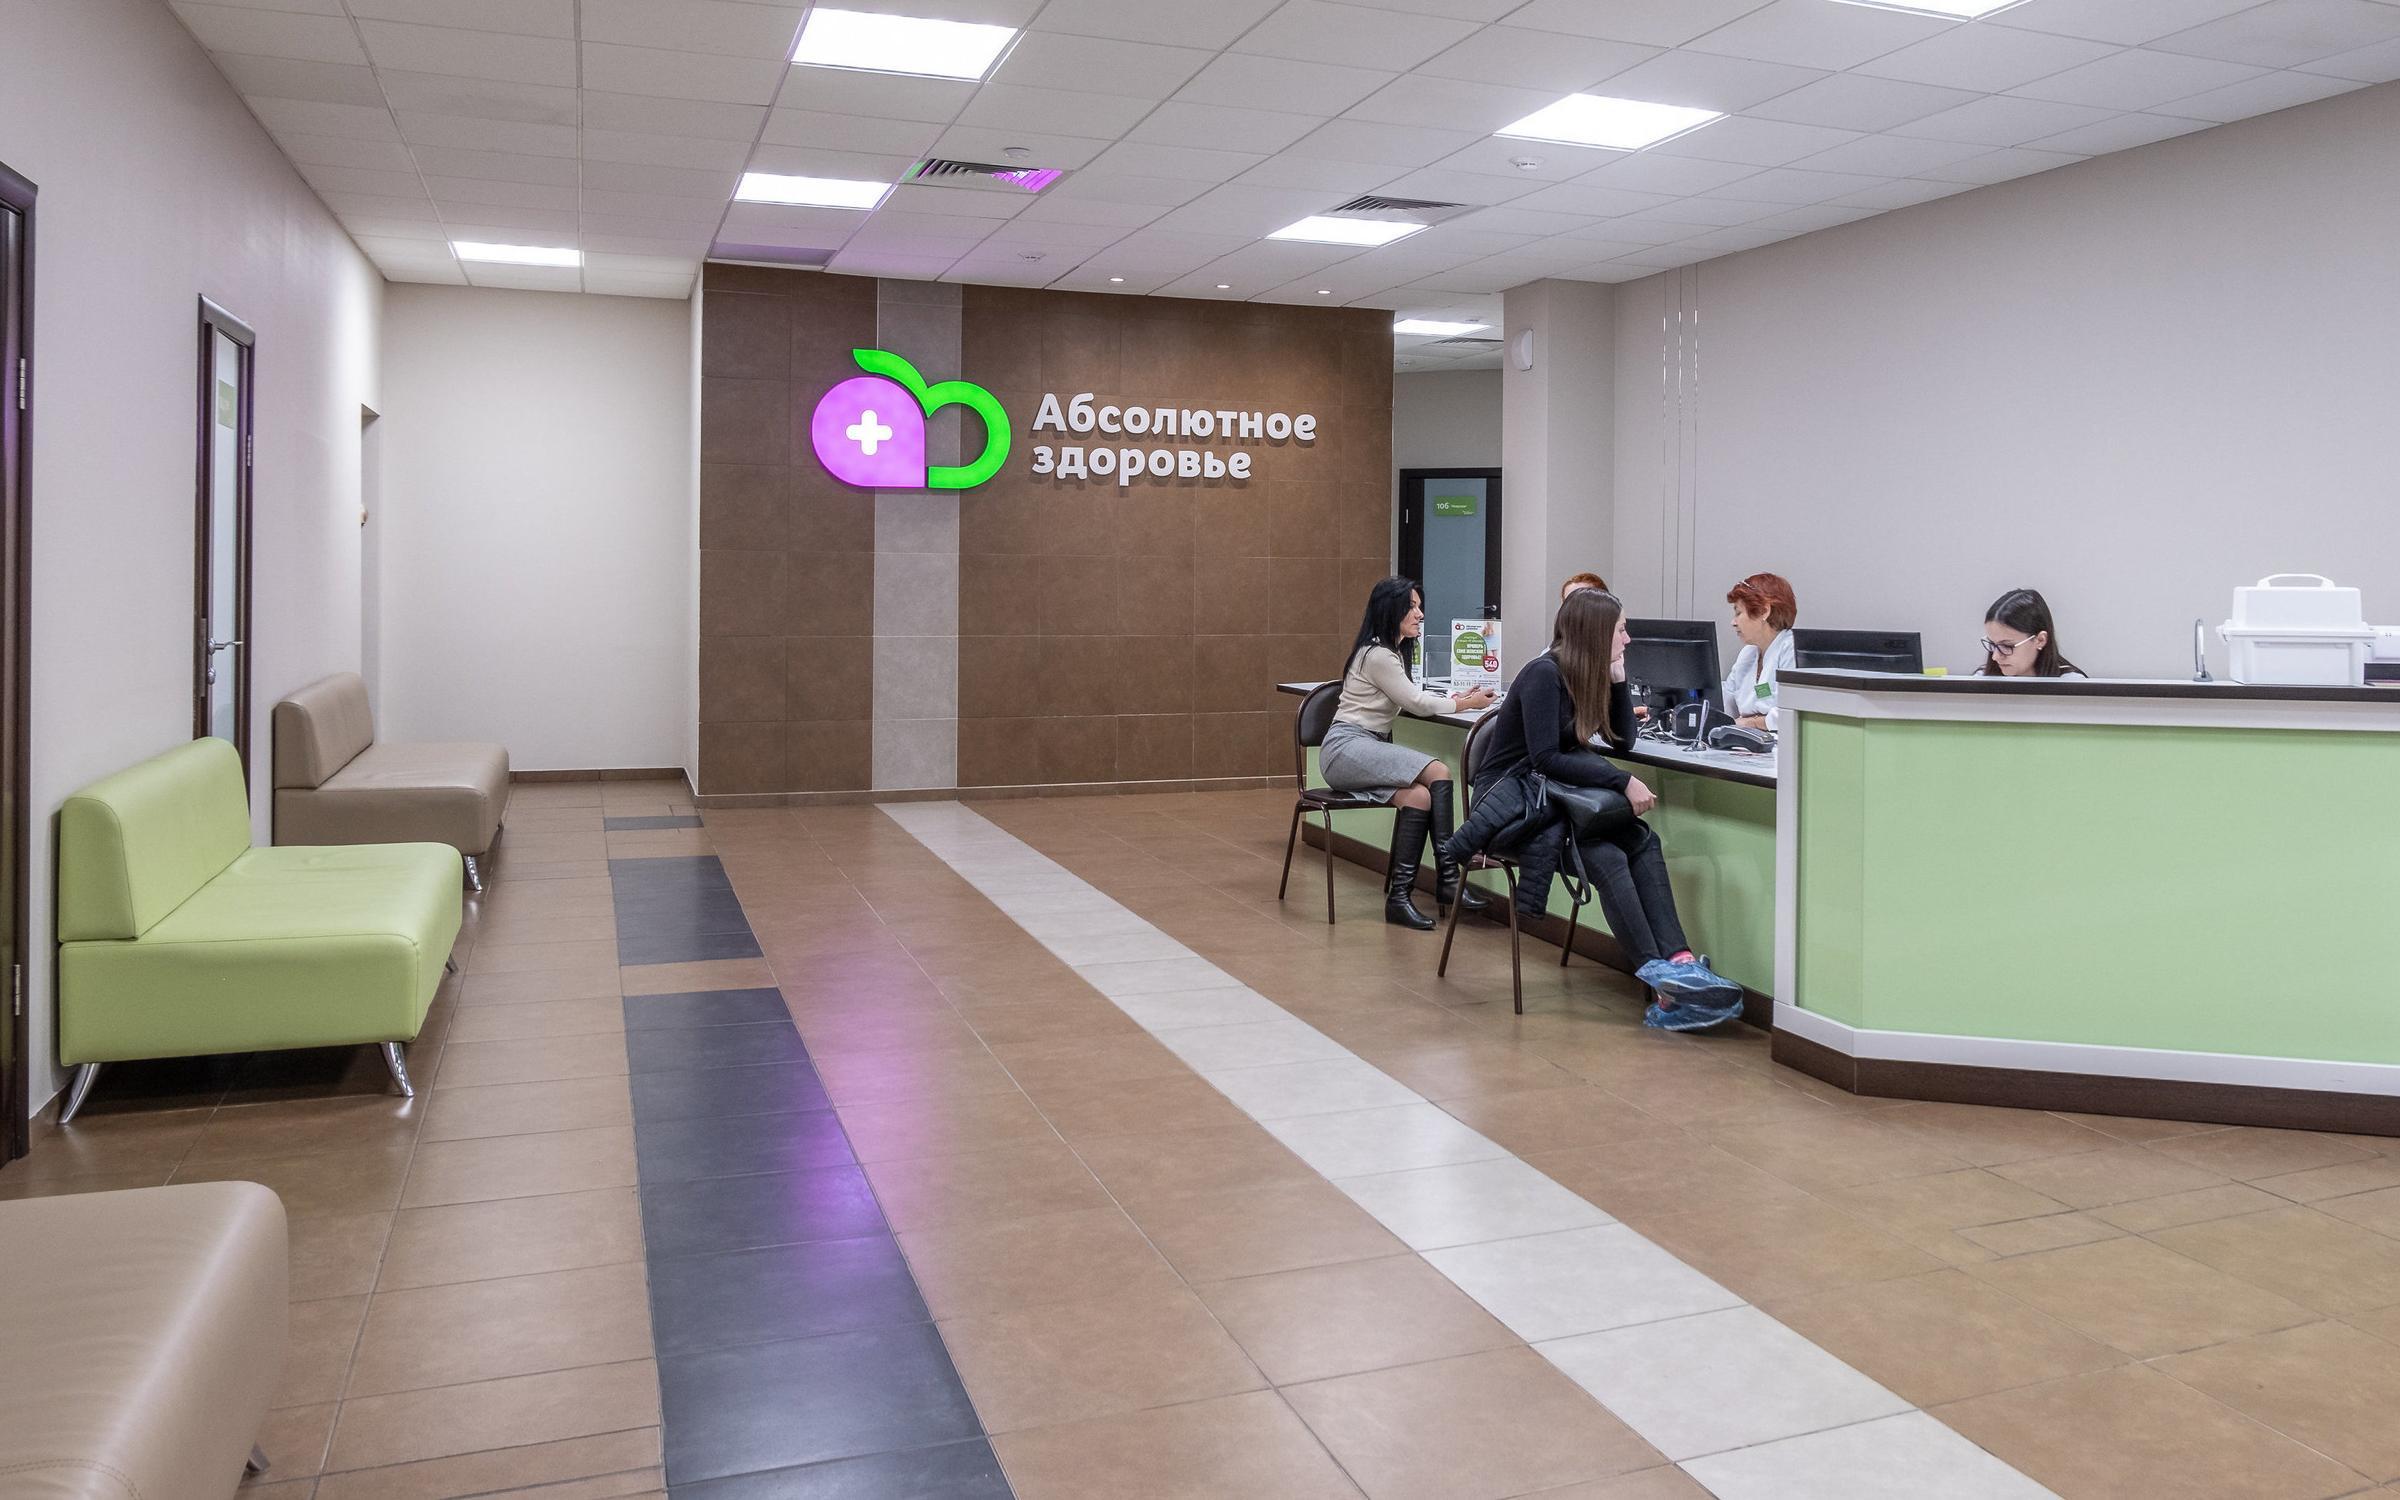 фотография Медицинского центра для всей семьи Абсолютное здоровье на Запорожской улице